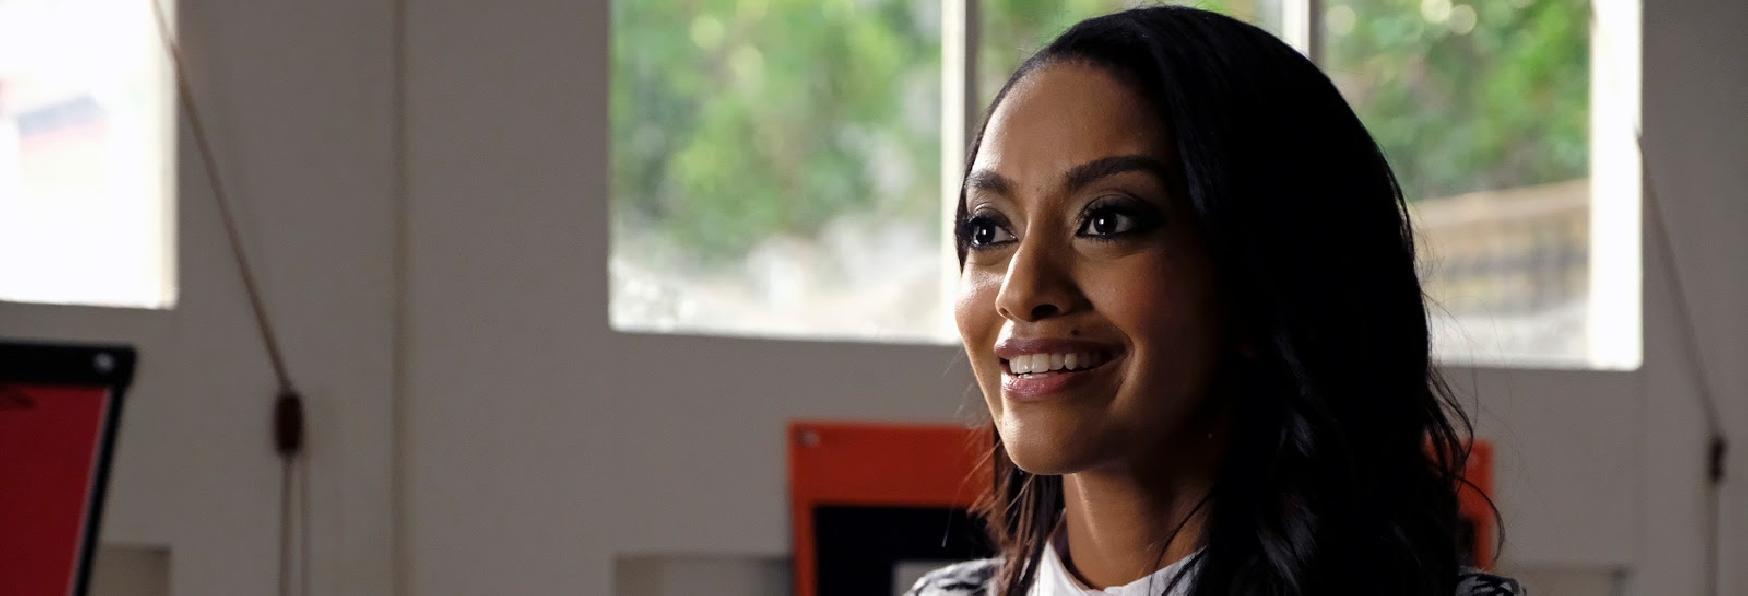 Azie Tesfai promossa a Regular nella 5° Stagione di Supergirl